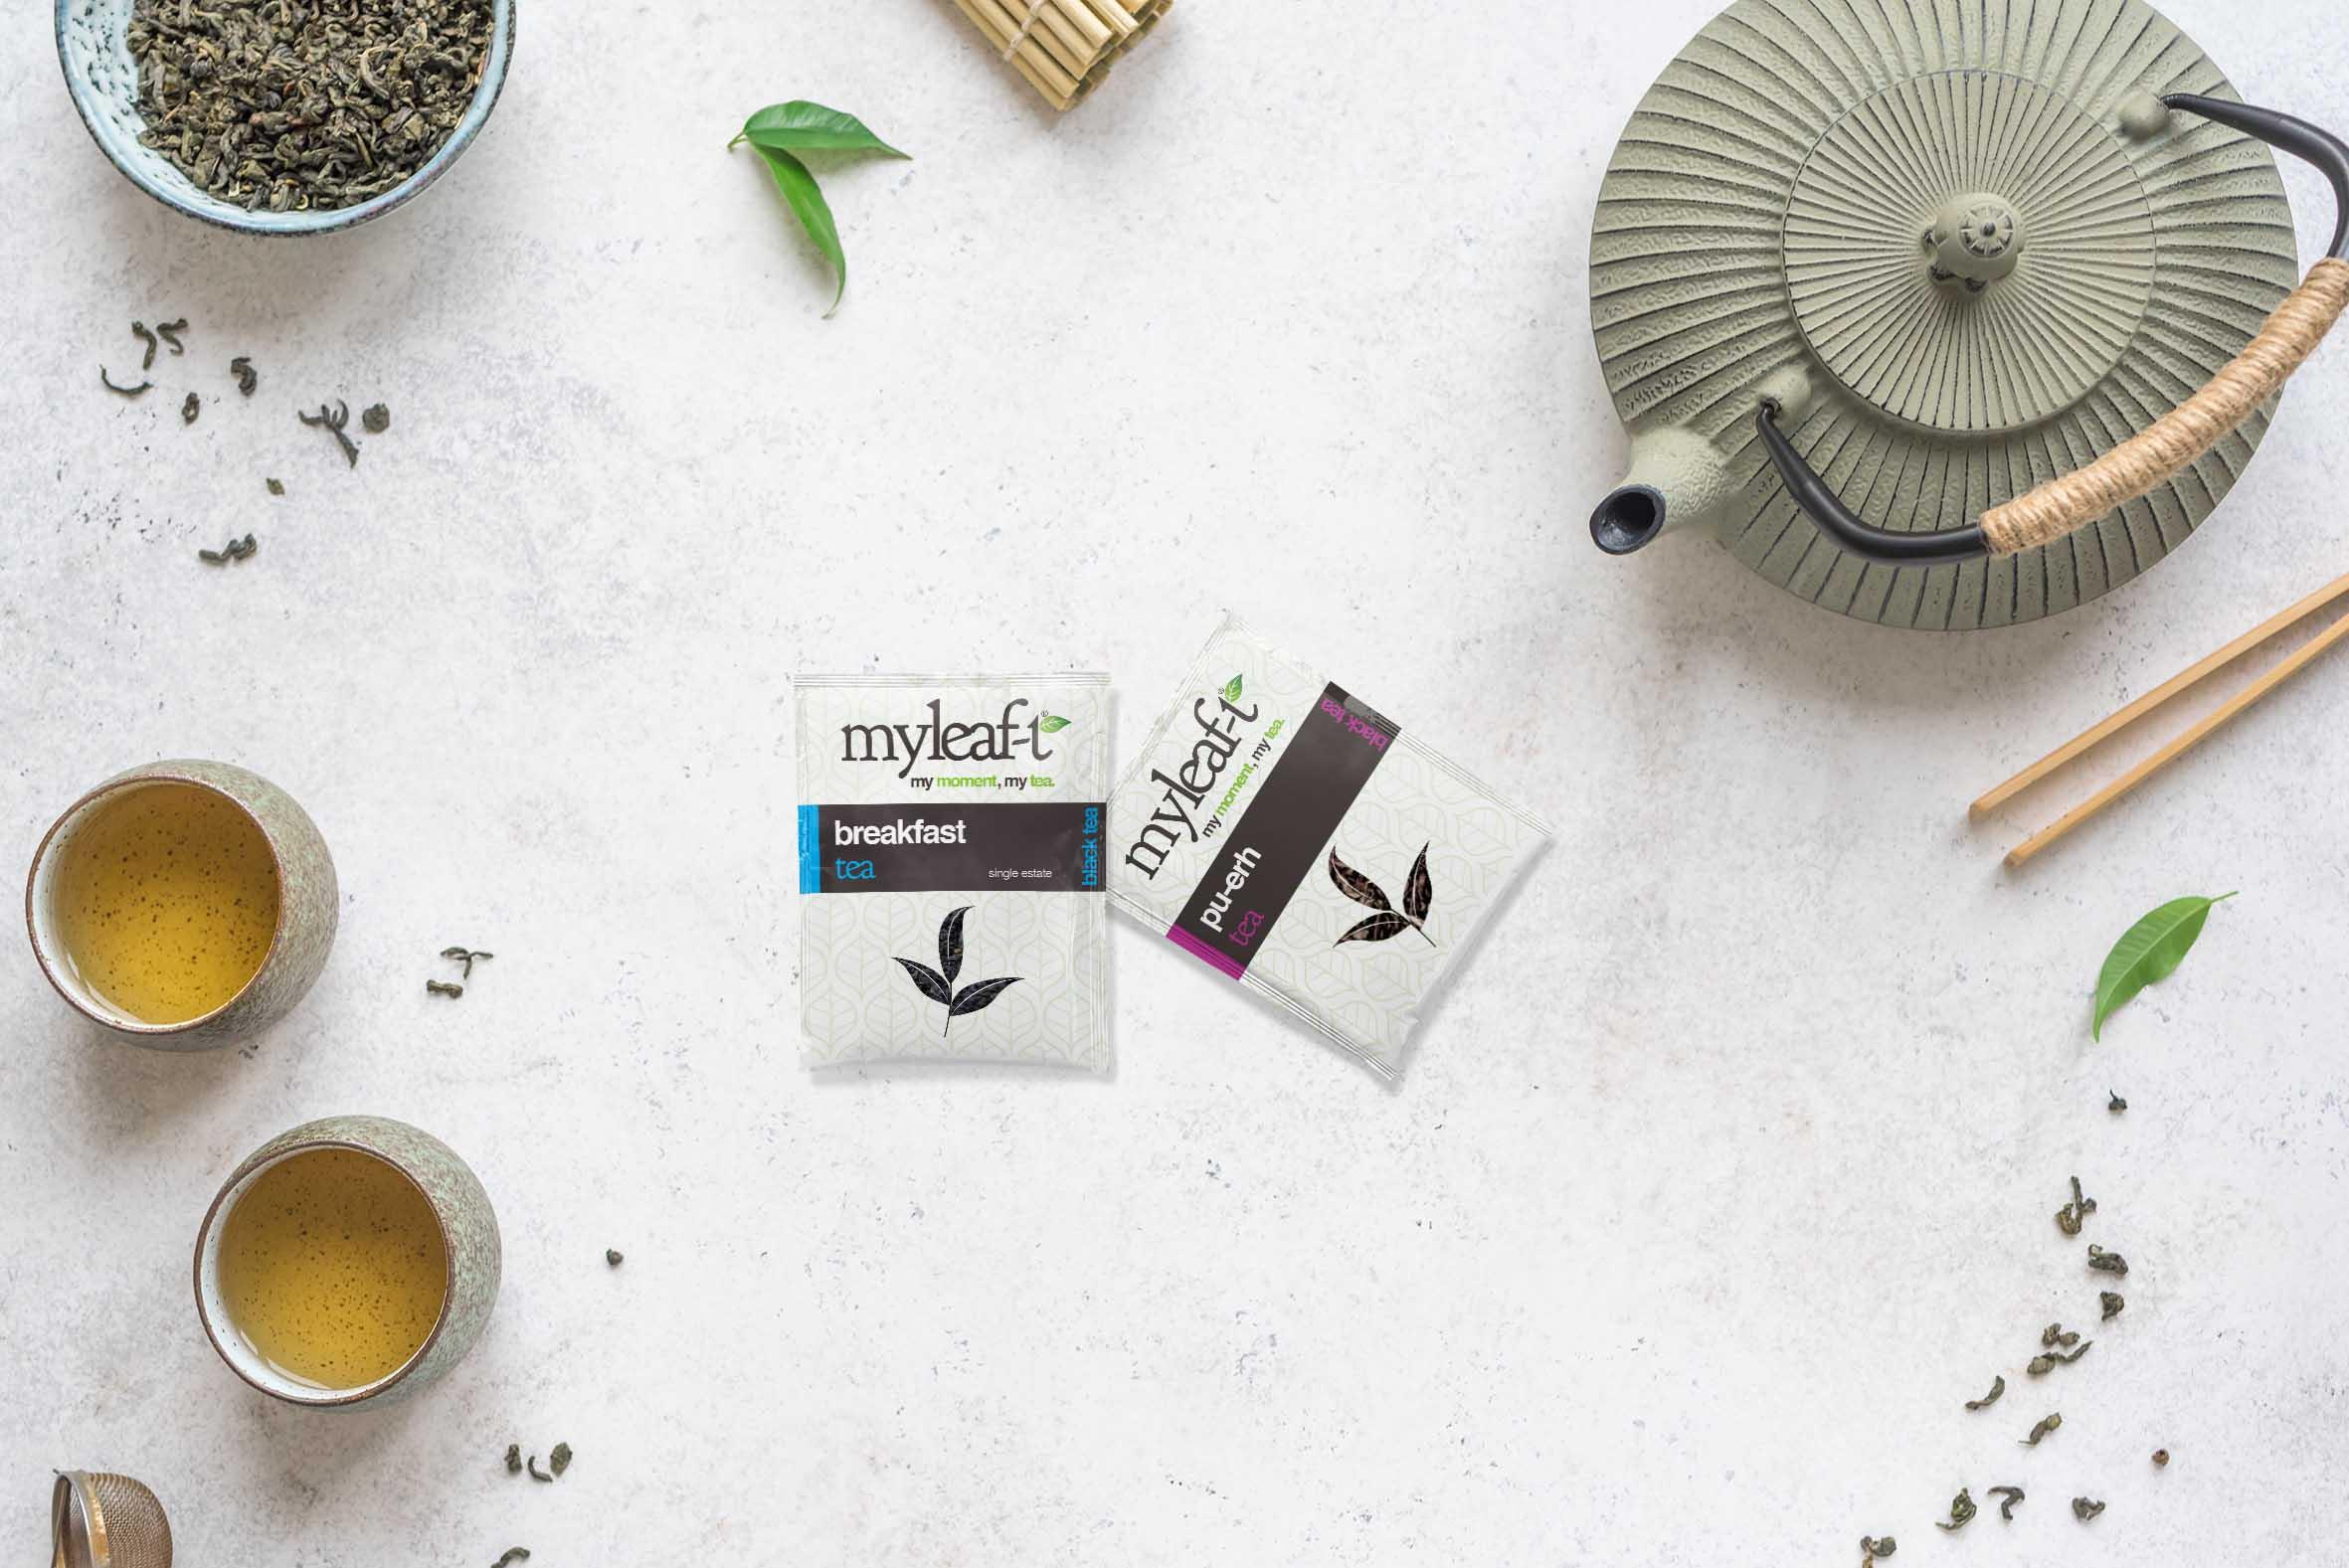 verpakkingsontwerp my leaf tea theezakje